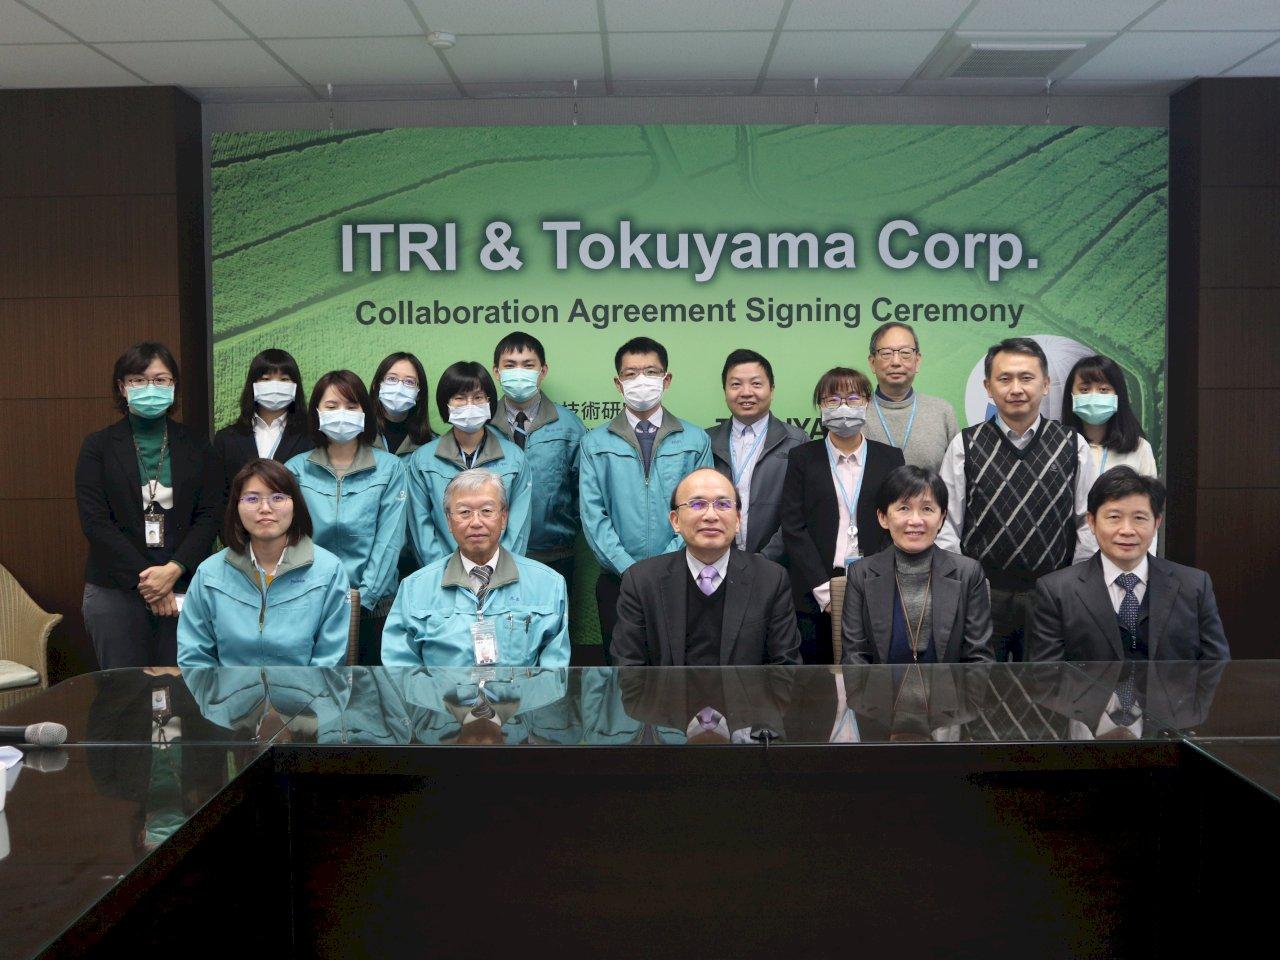 降低晶圓污染風險 工研院攜日本半導體化材大廠搶攻新世代商機